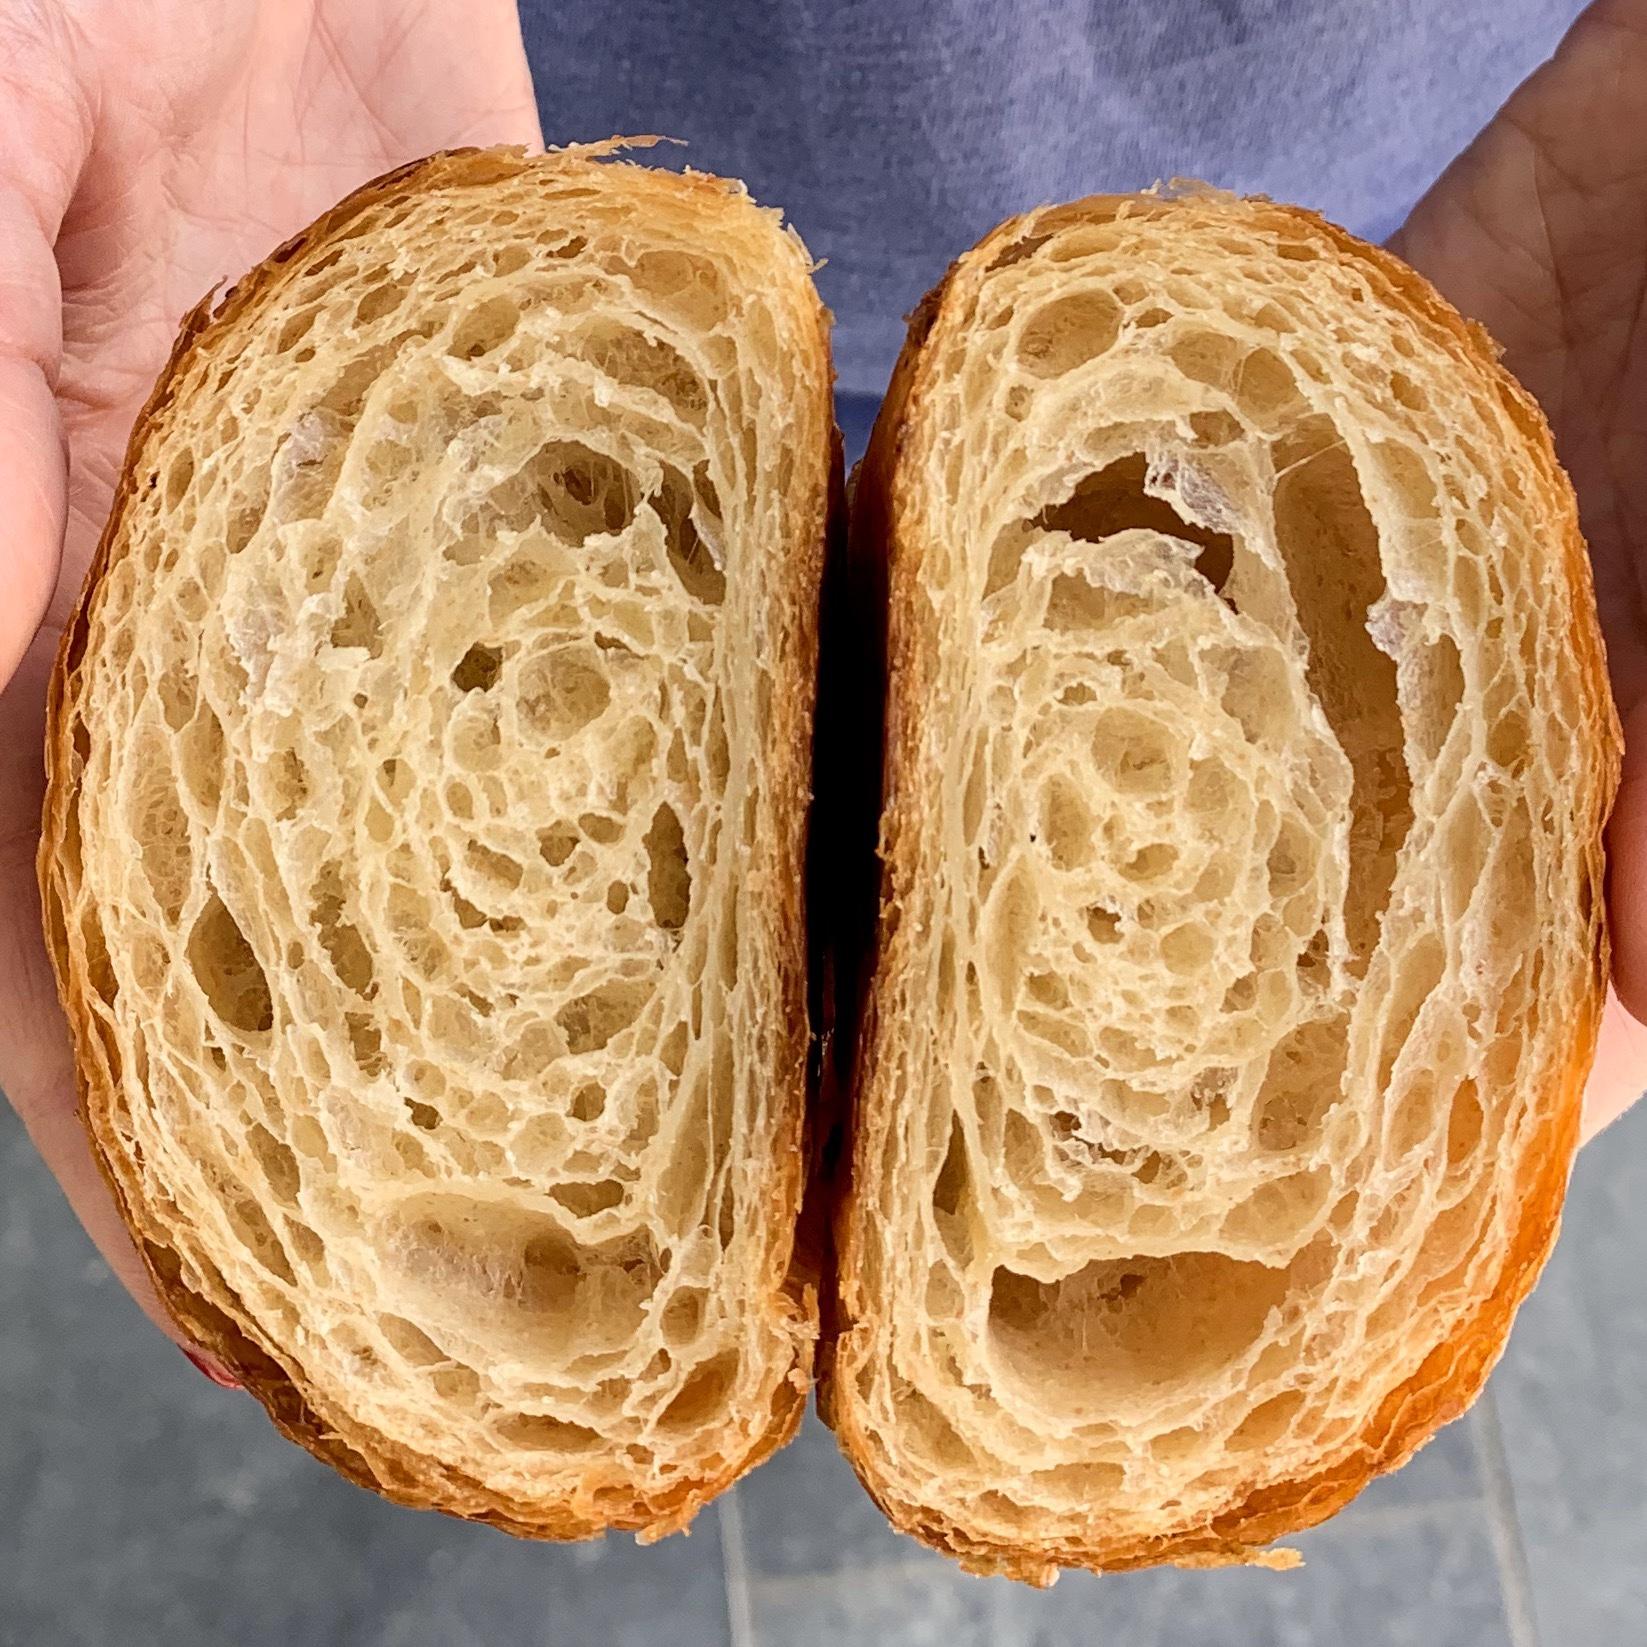 Madruga Bakery - Price (including tax) $3.42